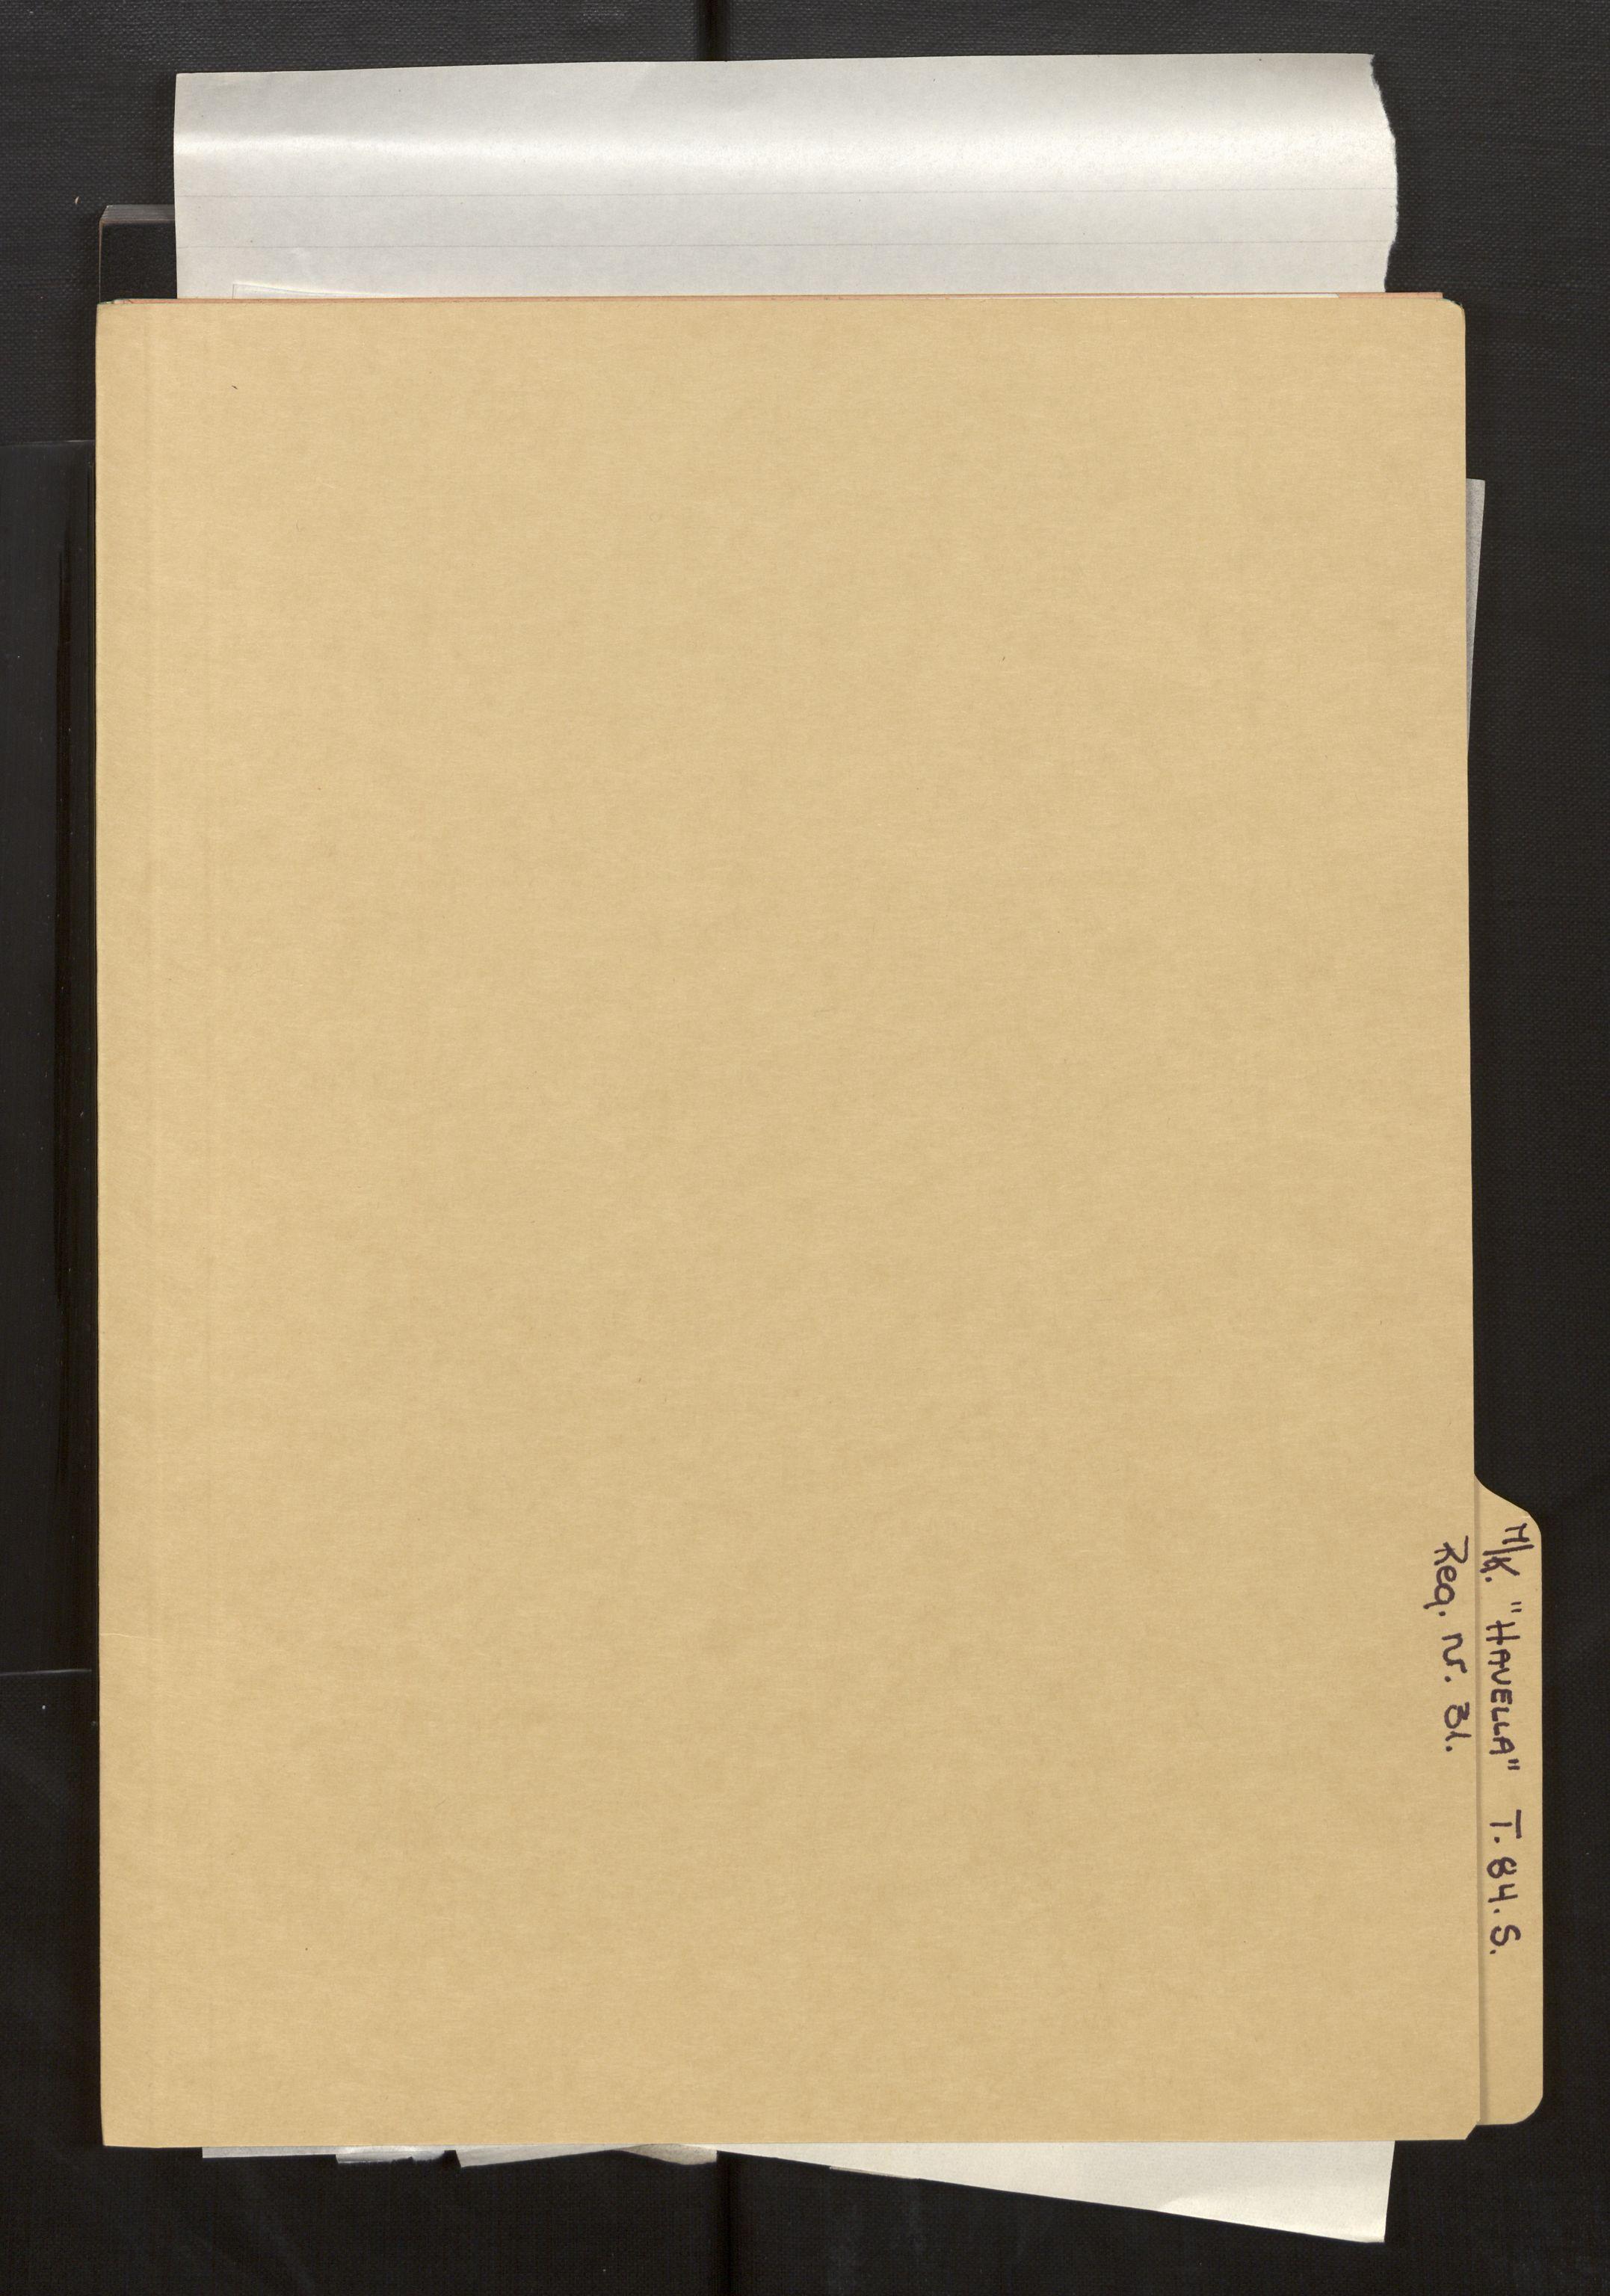 SAB, Fiskeridirektoratet - 1 Adm. ledelse - 13 Båtkontoret, La/L0042: Statens krigsforsikring for fiskeflåten, 1936-1971, p. 383